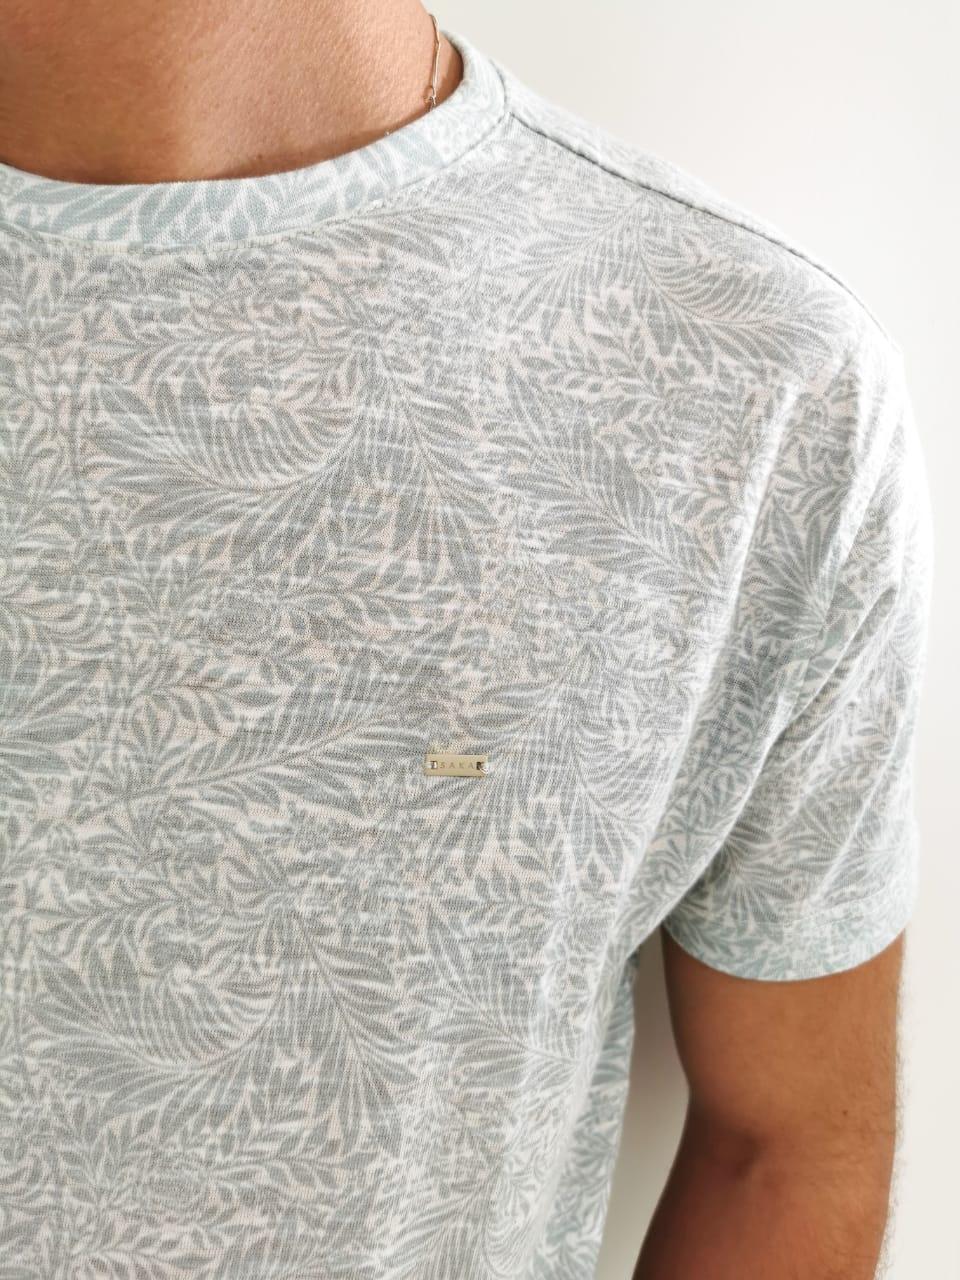 Camiseta Sakapraia Cinza